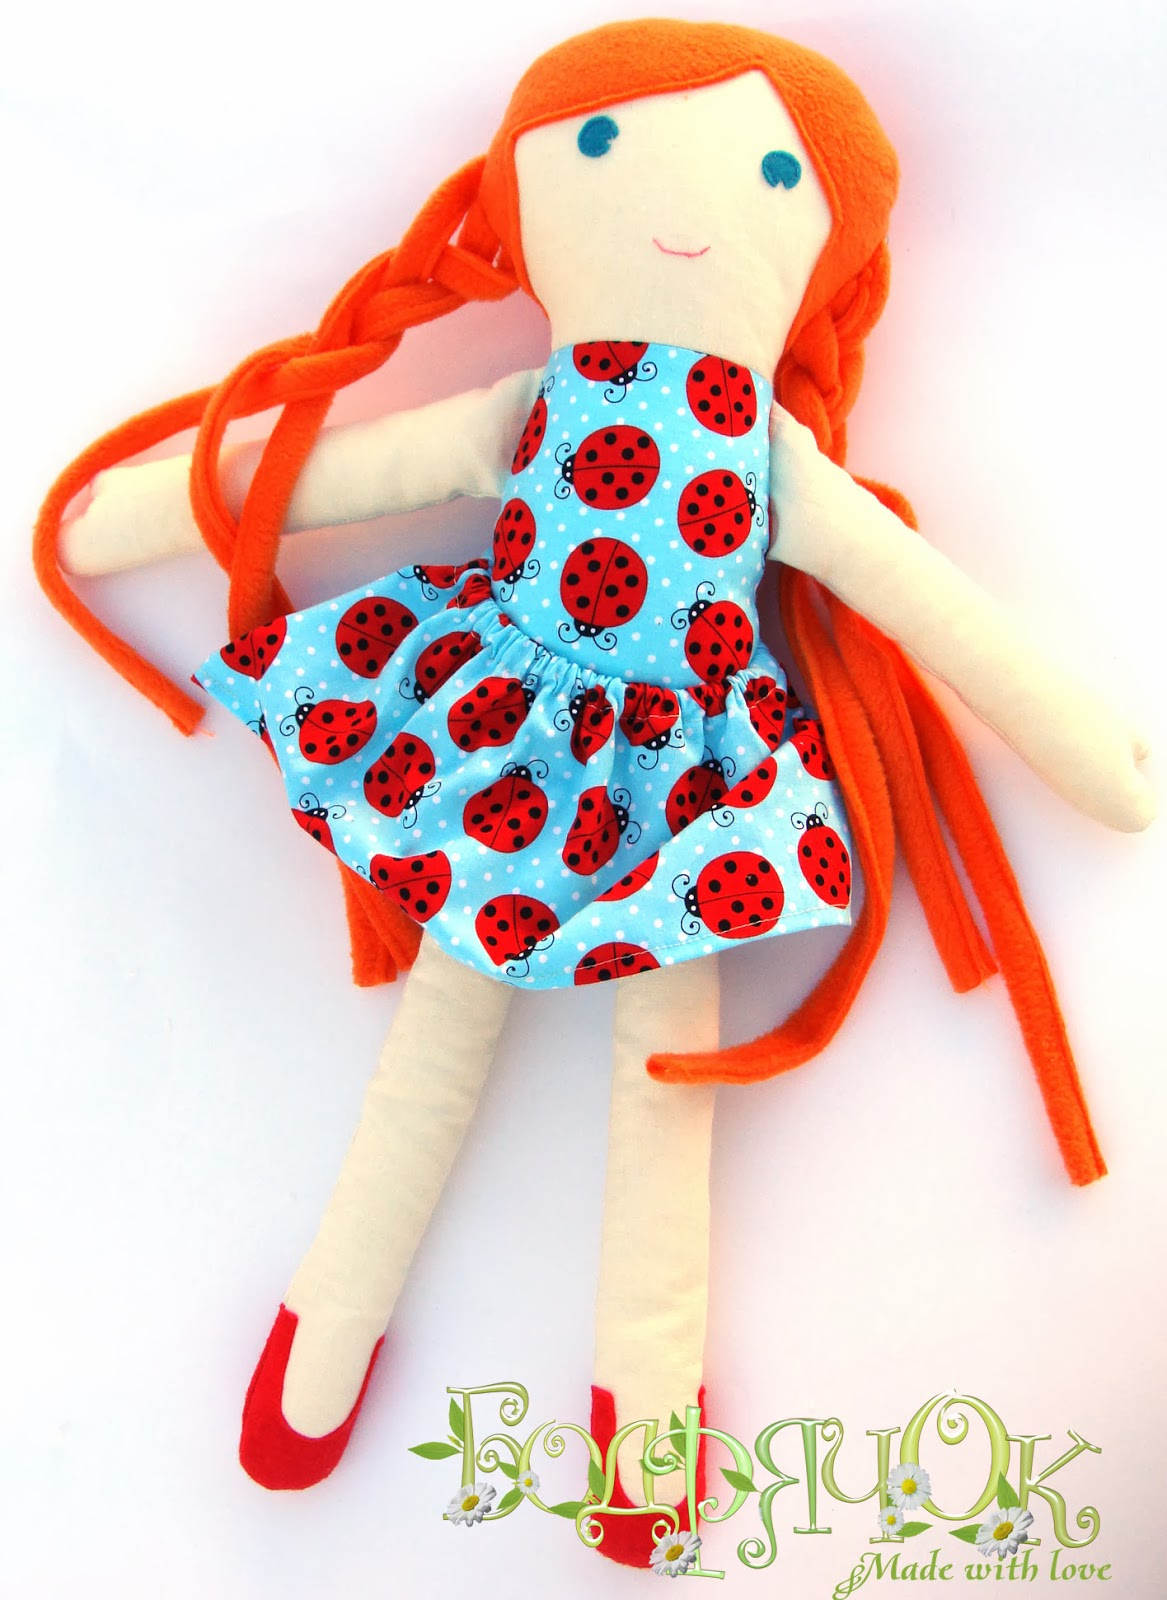 кукла Злата, игровая кукла, кукла для девочки, текстильная кукла, кукла из ткани